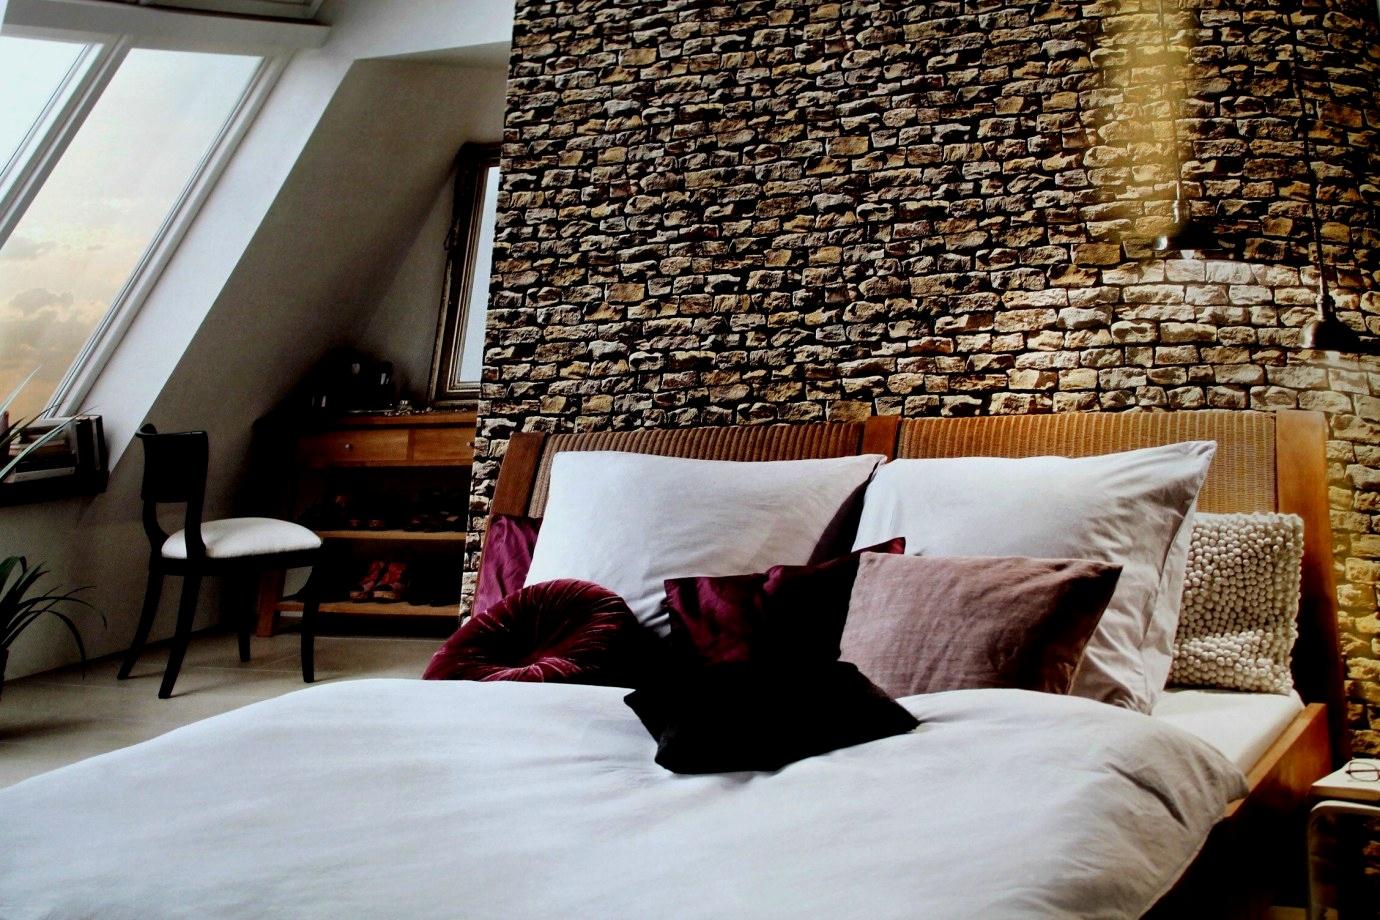 Full Size of Schlafzimmer Tapete Modern Tapezieren Tapeten Trends 2019 Blau Ideen Grau Braun 14 Schn Fotografie Von Kommode Teppich Regal Wohnzimmer Rauch Deckenleuchte Wohnzimmer Schlafzimmer Tapete